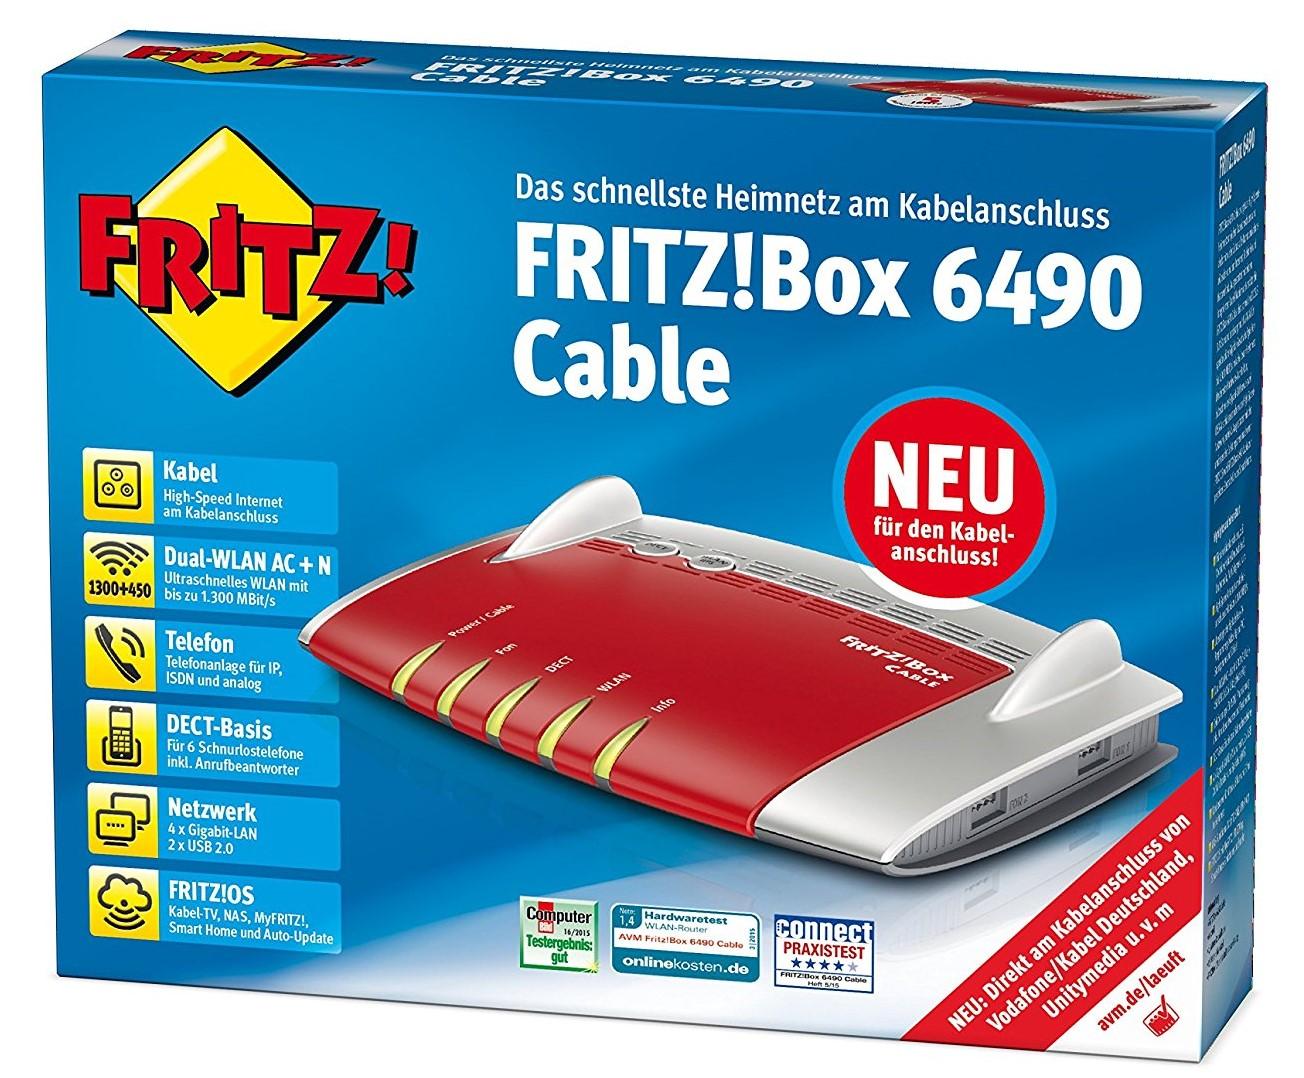 Endgeratefreiheit Fritz Box 6490 Cable Im Test Deskmodder De